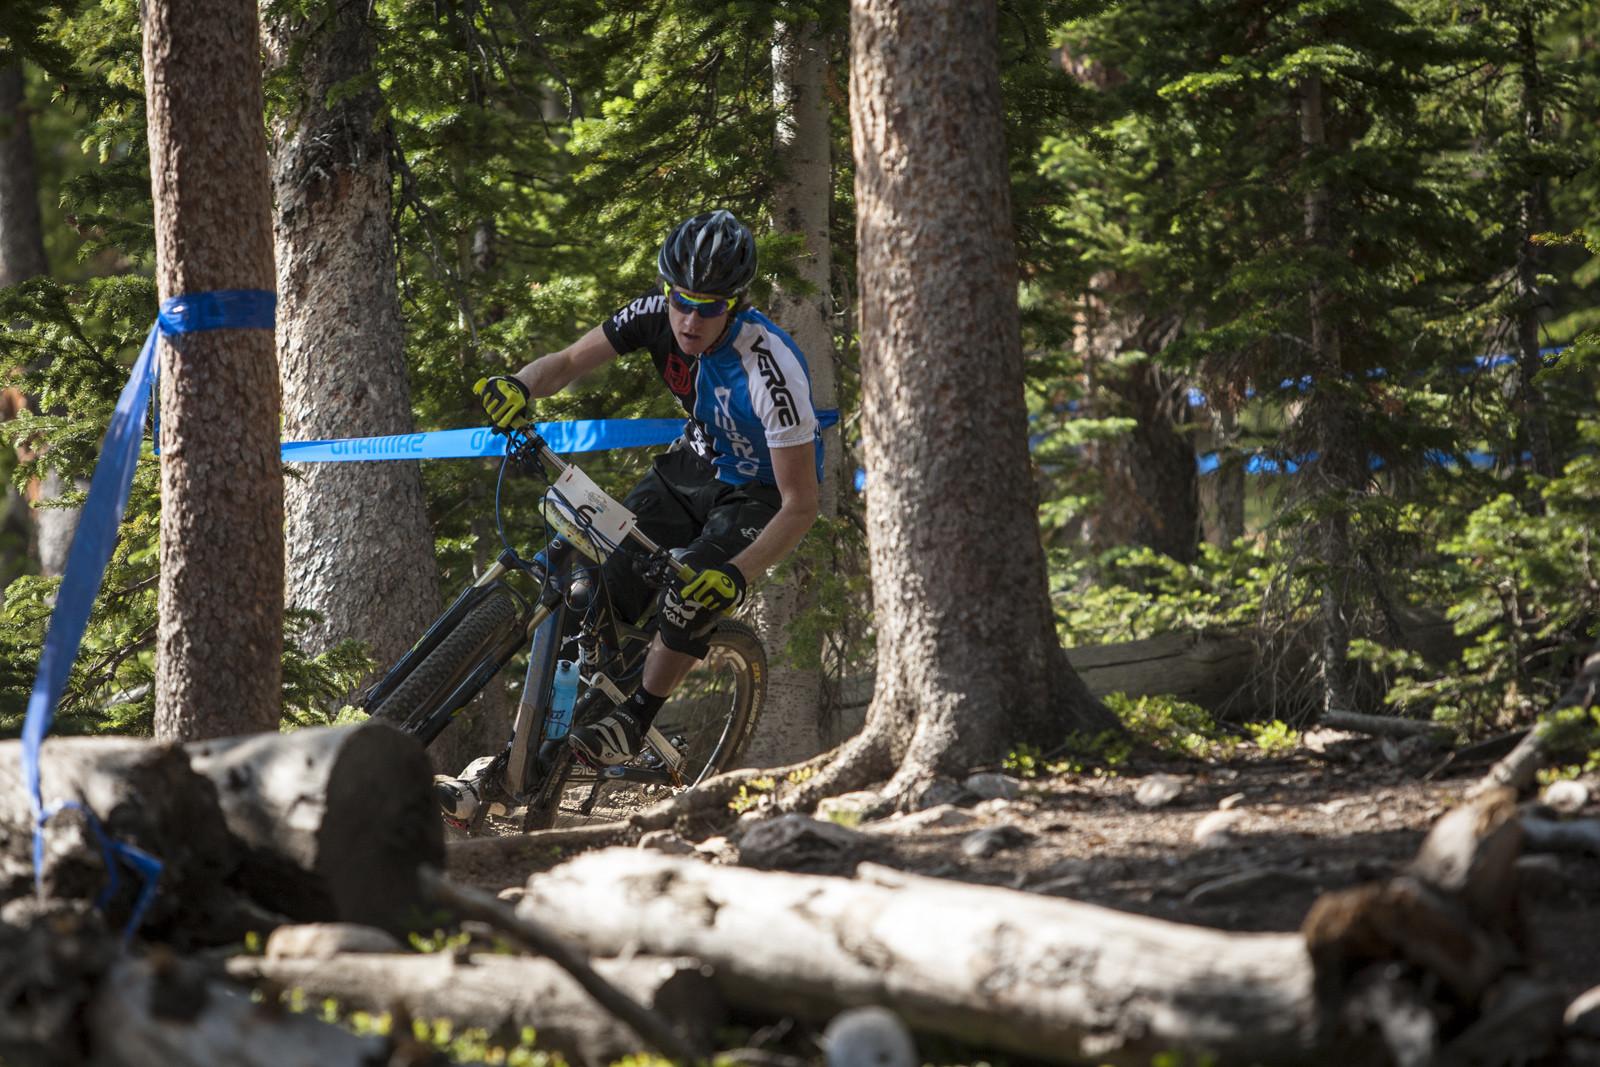 Tim Allen Keystone Big Mountain Enduro - Photos, Videos from the Keystone Big Mountain Enduro, Part of the North American Enduro Tour - Mountain Biking Pictures - Vital MTB